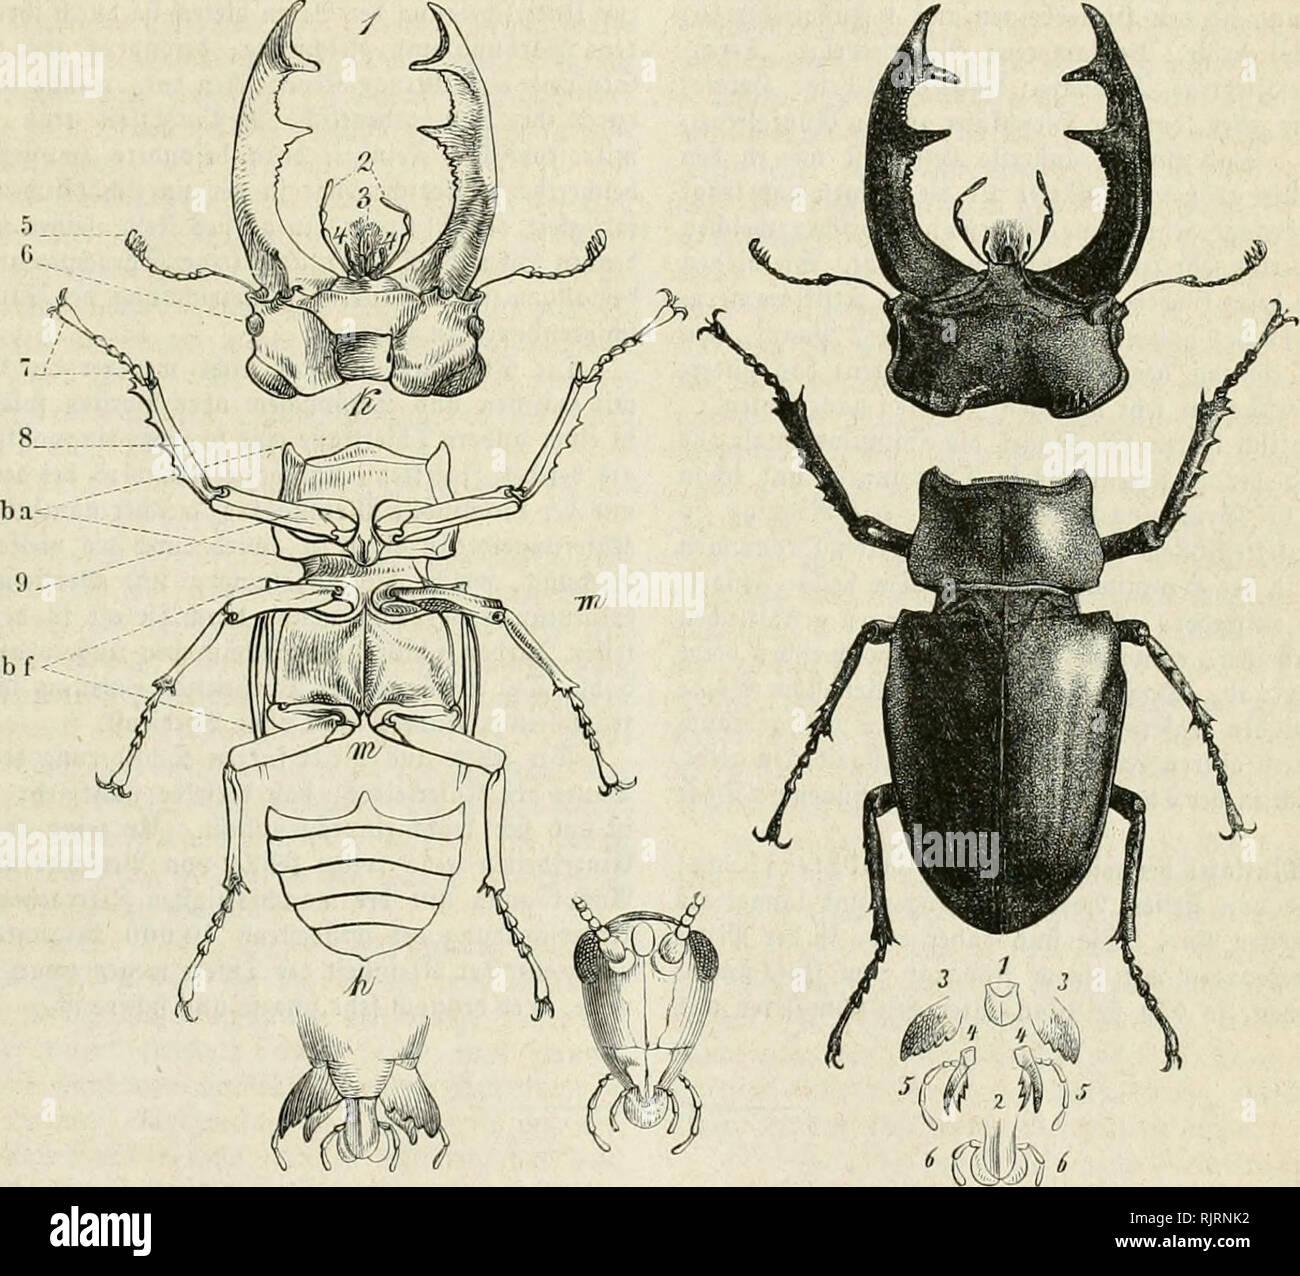 """. Aus der Heimath. Natural history; Natural history -- Germany. 249 250 2tuf ber Untetfeitc friiftt fic ba3 norberc 5""""§V^'""""''^' »eldjcS beäfcalb, hscil cä immer Donrärtä getutet unb Bei »ielen 3""""ffftfn }i""""ii ©reifen ober ©raben eiiuneriditet ift, »Oll 3Kand)en auc^ 9(rme genannt wirb. 55ur(i) einen ring§umge^enben ^aläartigen 'Jtbfa^ fcbliefit ficb bic .'pinter-- ober (Vtügct bruft (fb) an, toetdje oben bie i)''üSf^' baljer ber äWcite Stamc, unb unten ba§ mittle unb bal I)intere, beibe binterlrärtS gerid;ii f t e, coxa, unb ber ©c^en fei ring ober 9? oH^ü - Stock Image"""